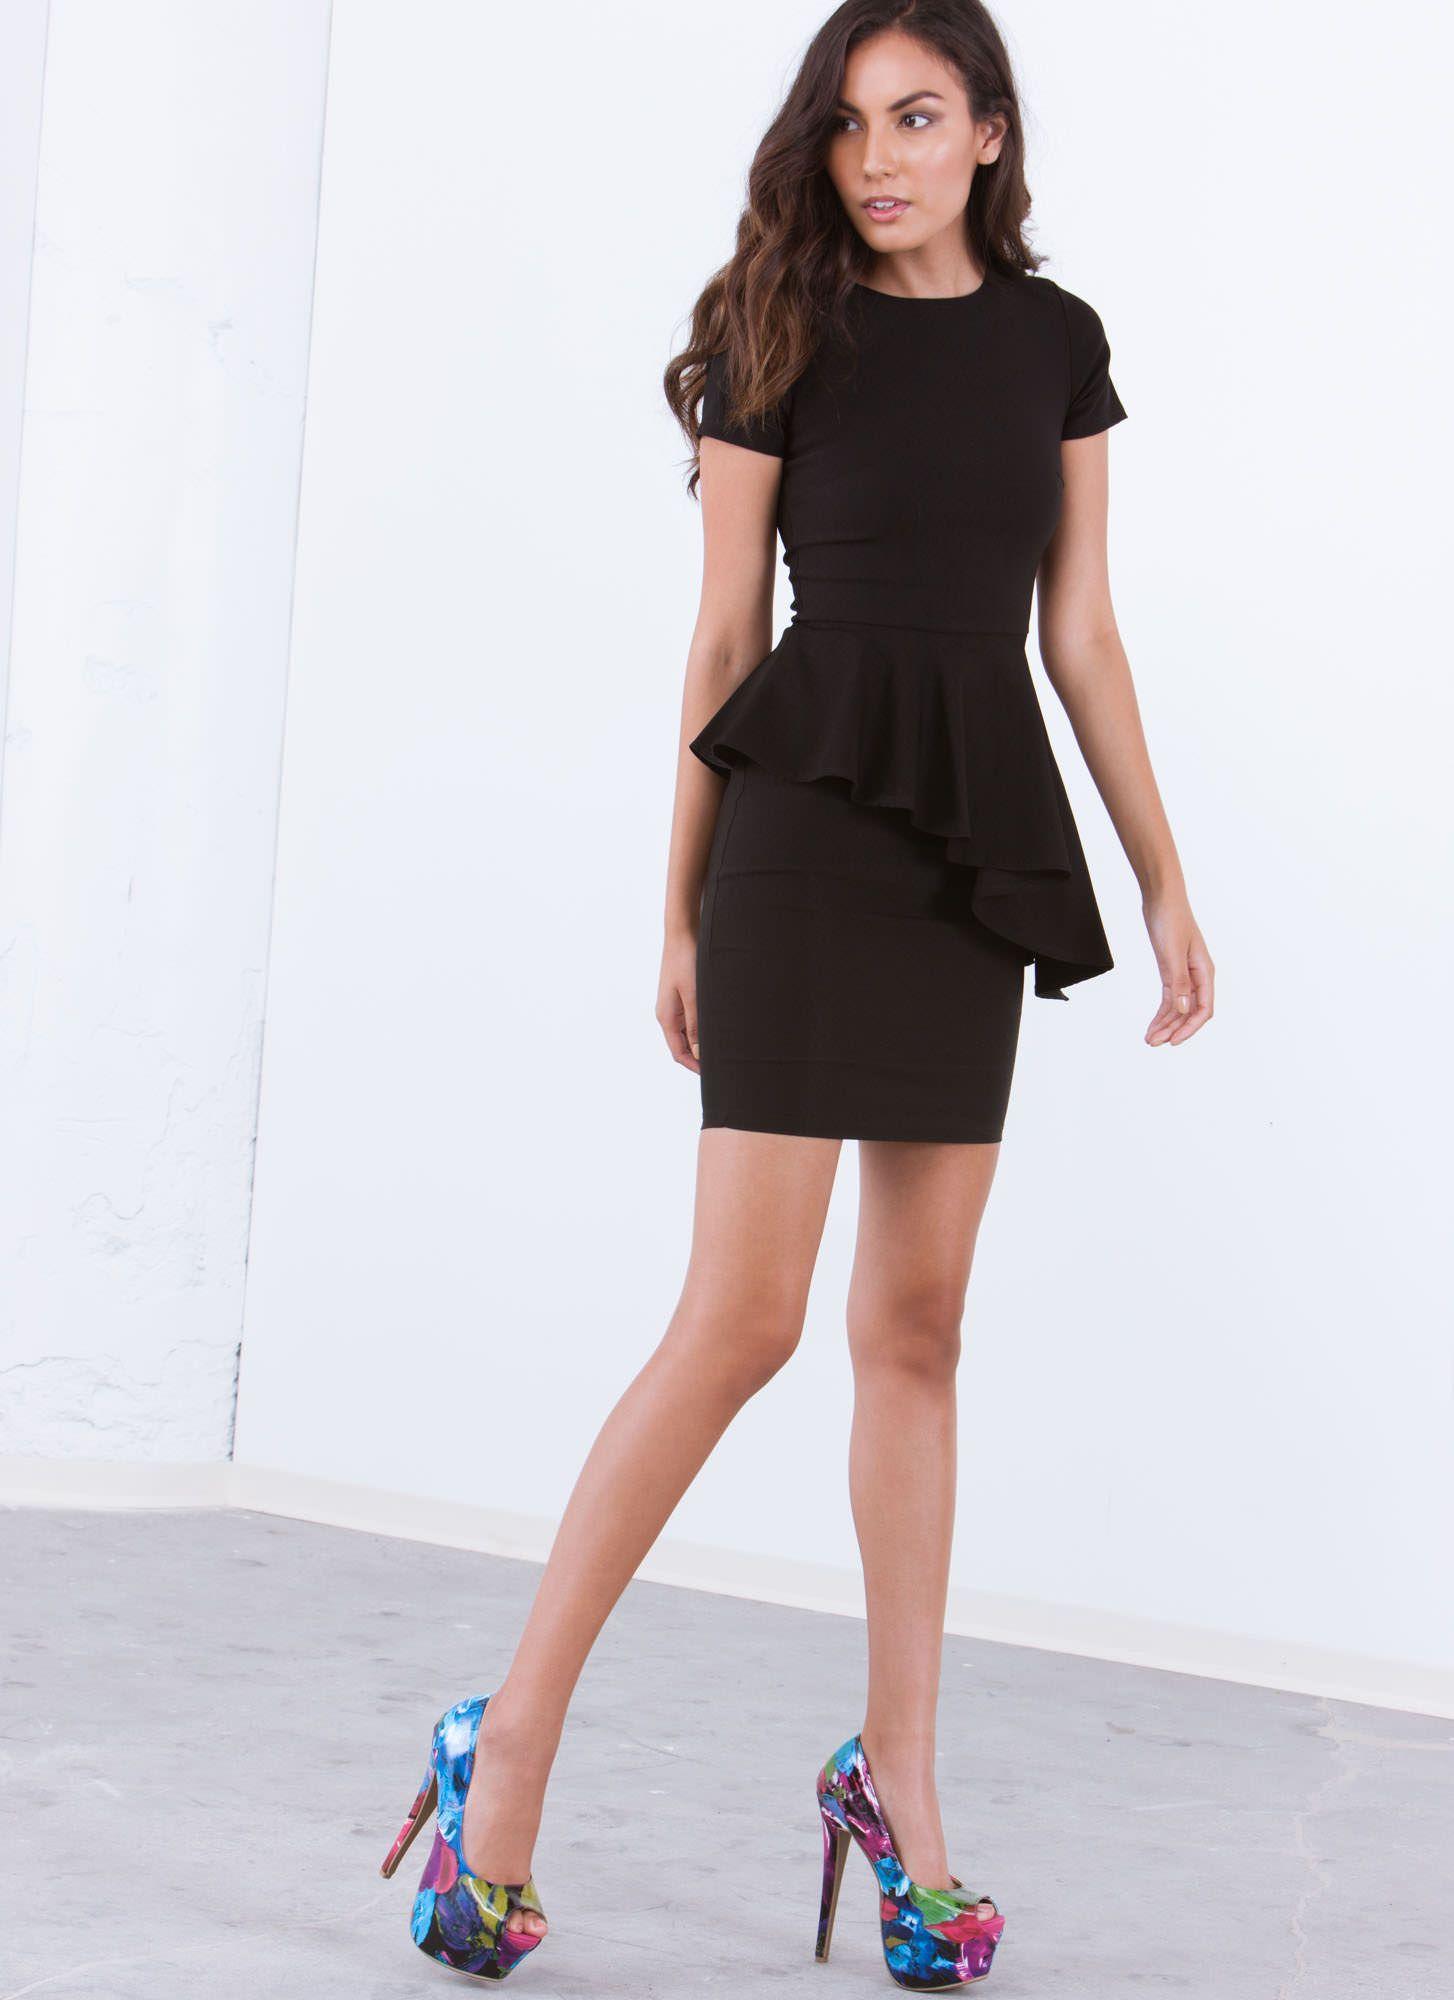 Ruffle Around The Edges Peplum Dress Dresses, Peplum